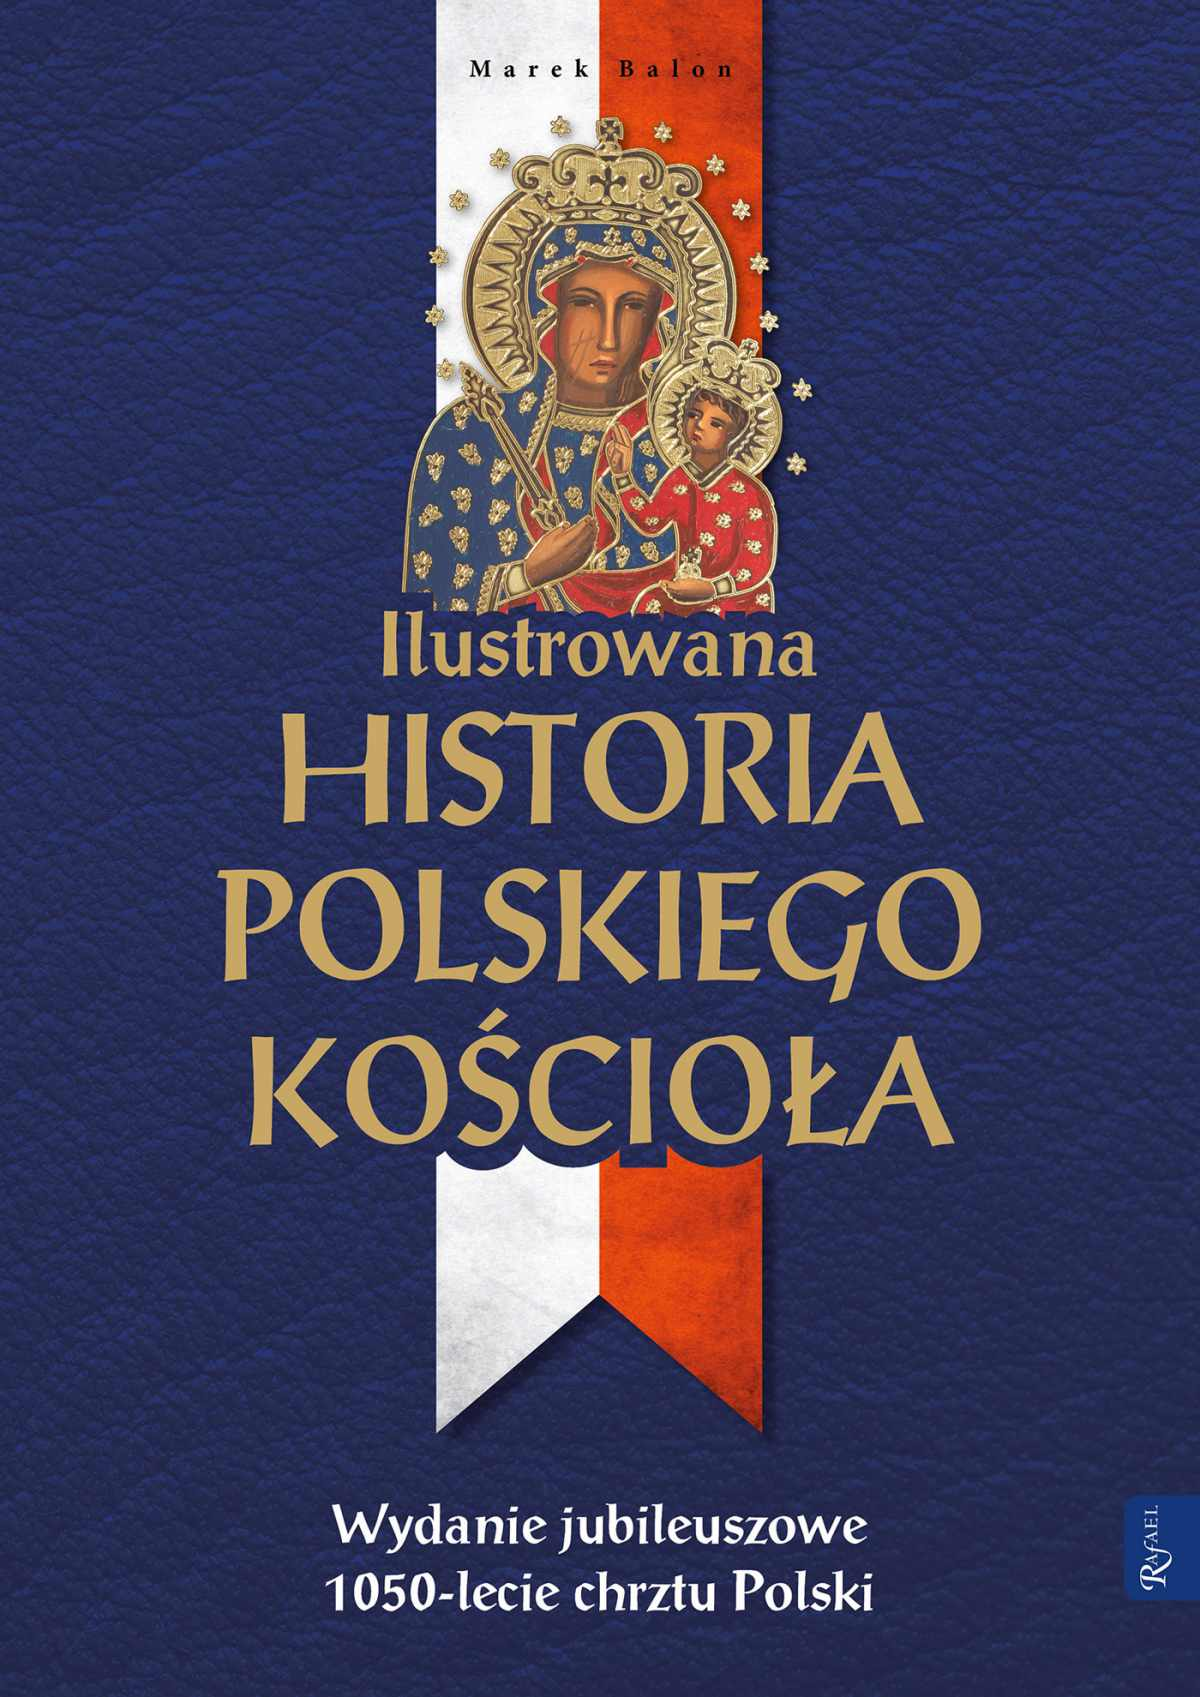 Ilustrowana historia polskiego Kościoła - Ebook (Książka PDF) do pobrania w formacie PDF